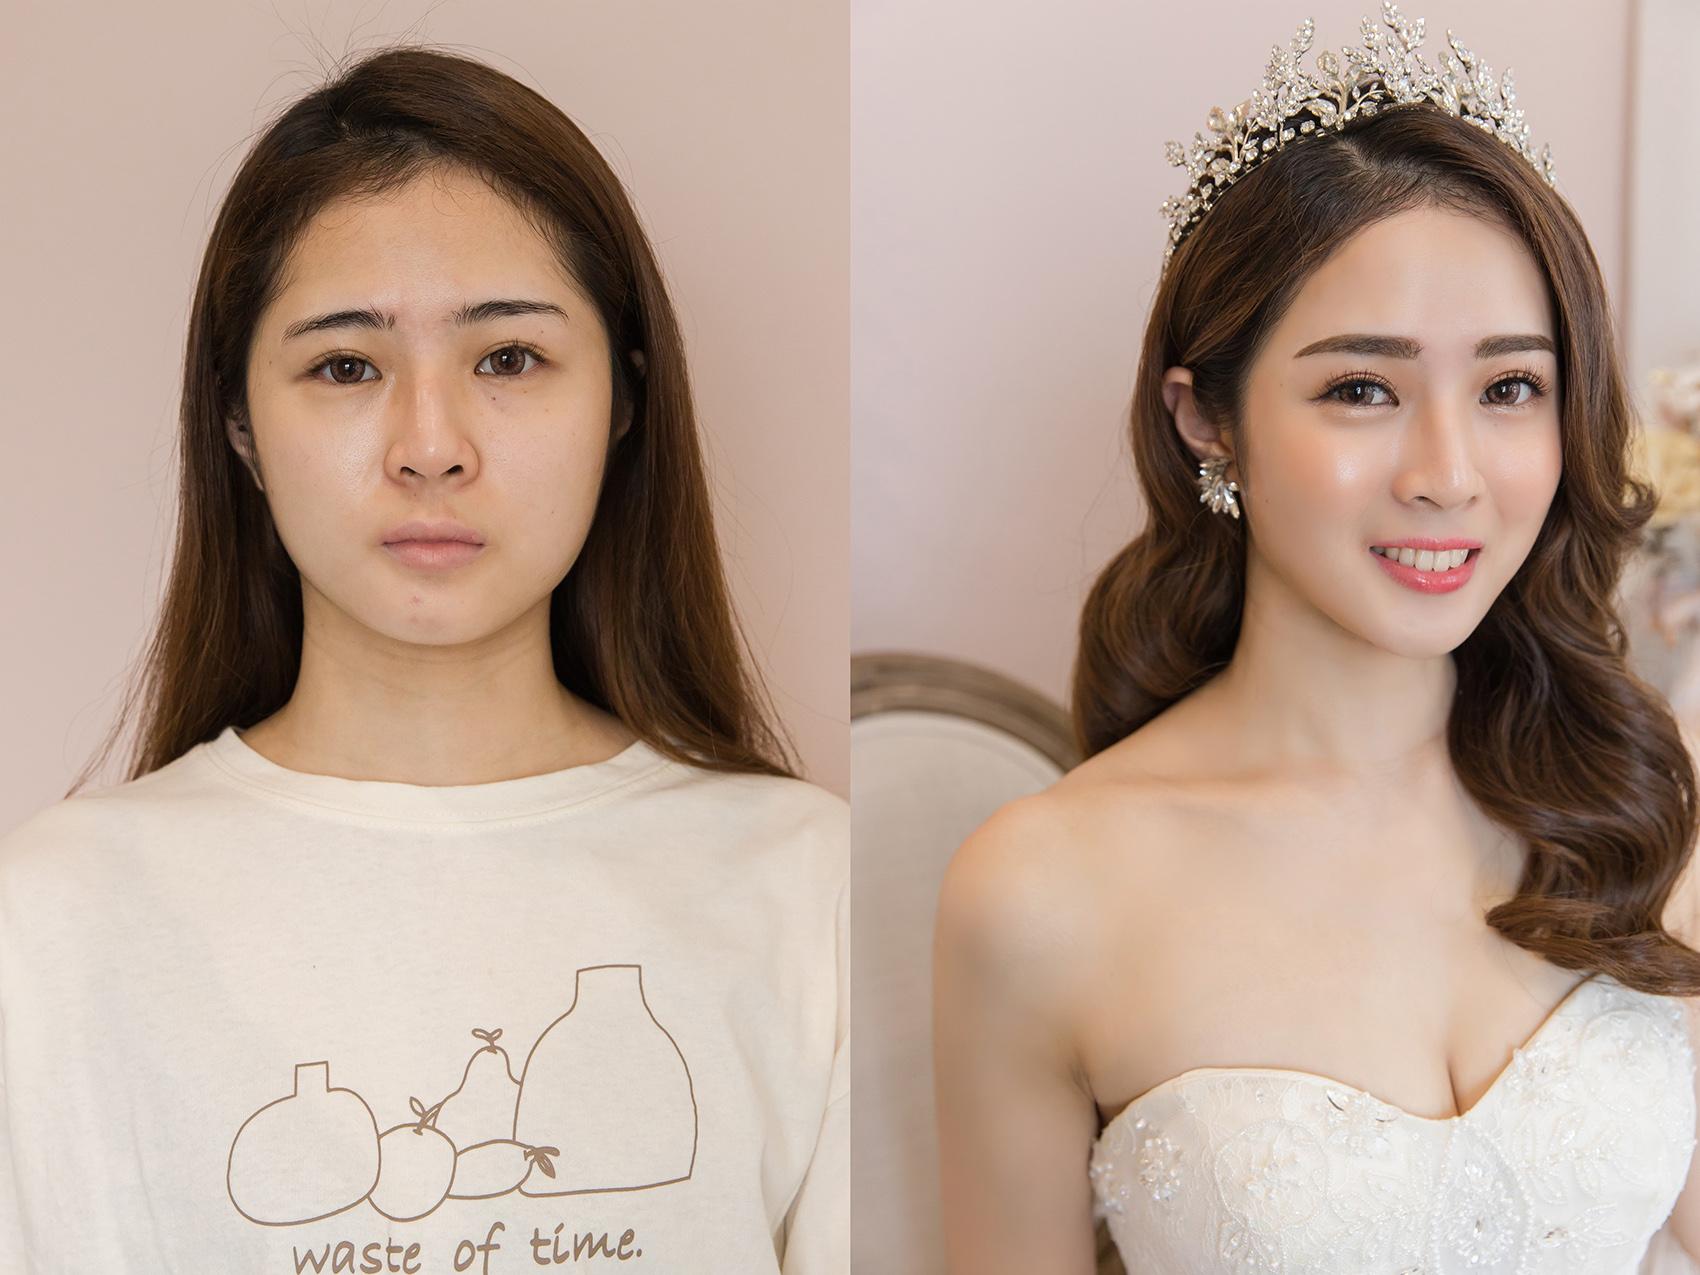 新秘Yuki, 新娘秘書, 新秘, 新娘造型, 公主風造型, 高雄新秘, 素人改造, 妝前妝後, 皇冠造型, 混血感, 高雄新秘